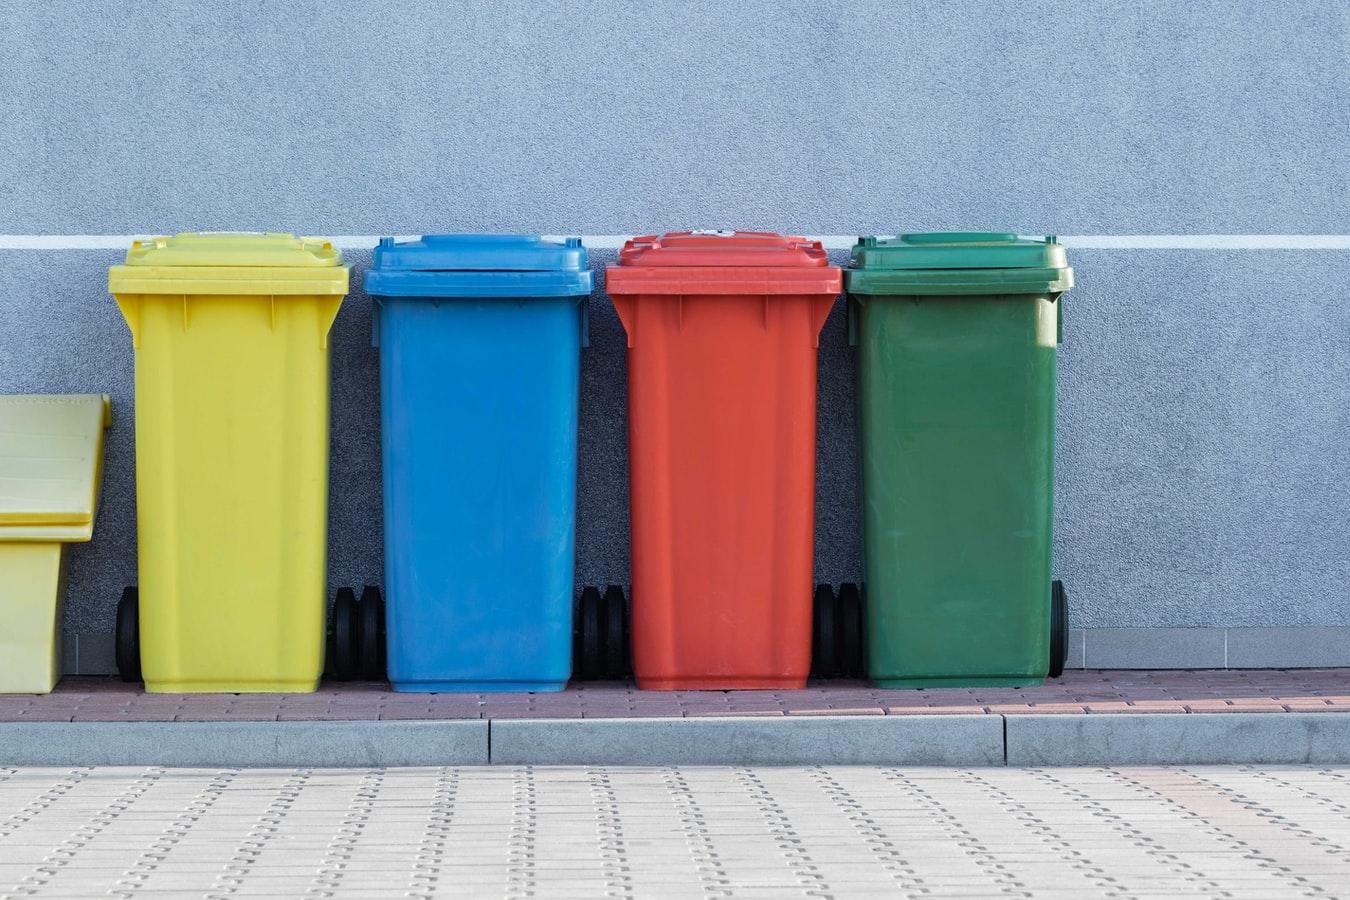 横に並んだカラフルなゴミ箱